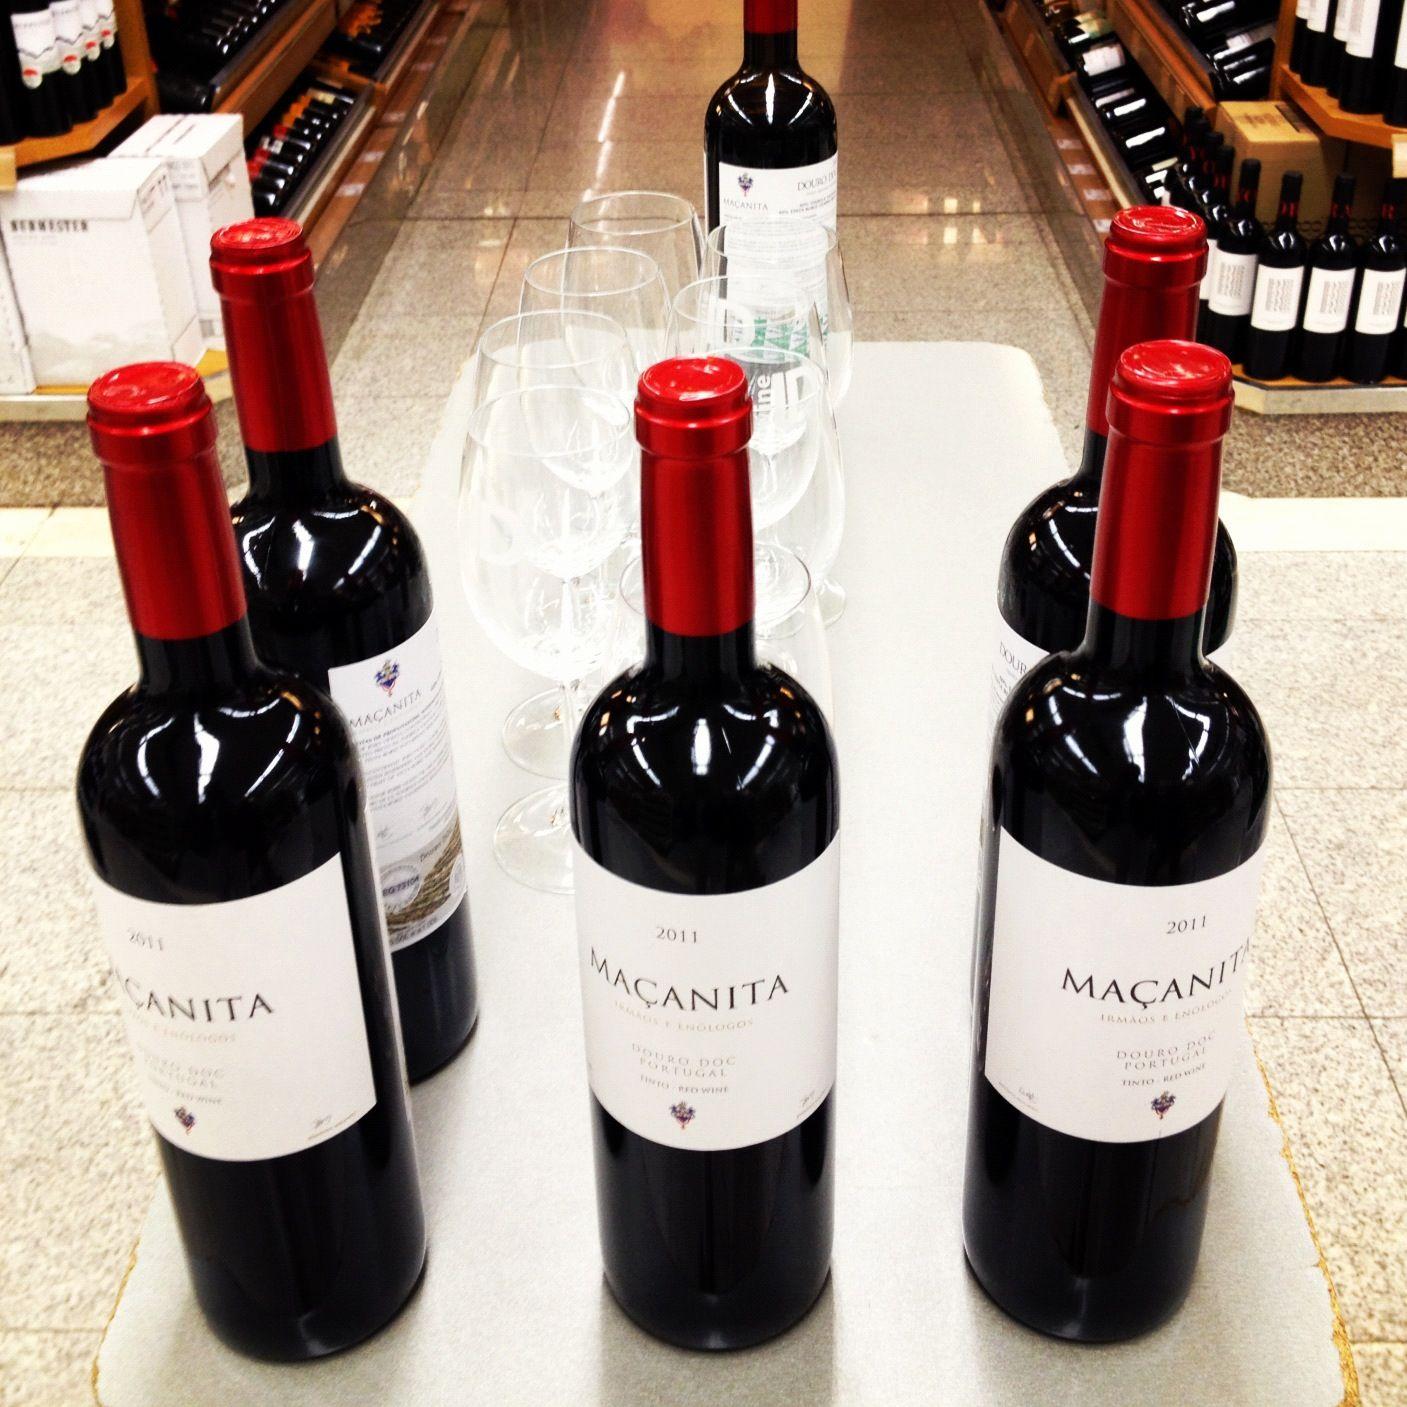 Prova de degustação do Maçanita tinto 2011. Hoje, 3 e 4 de Dezembro no El Corte Inglés, Lisboa!